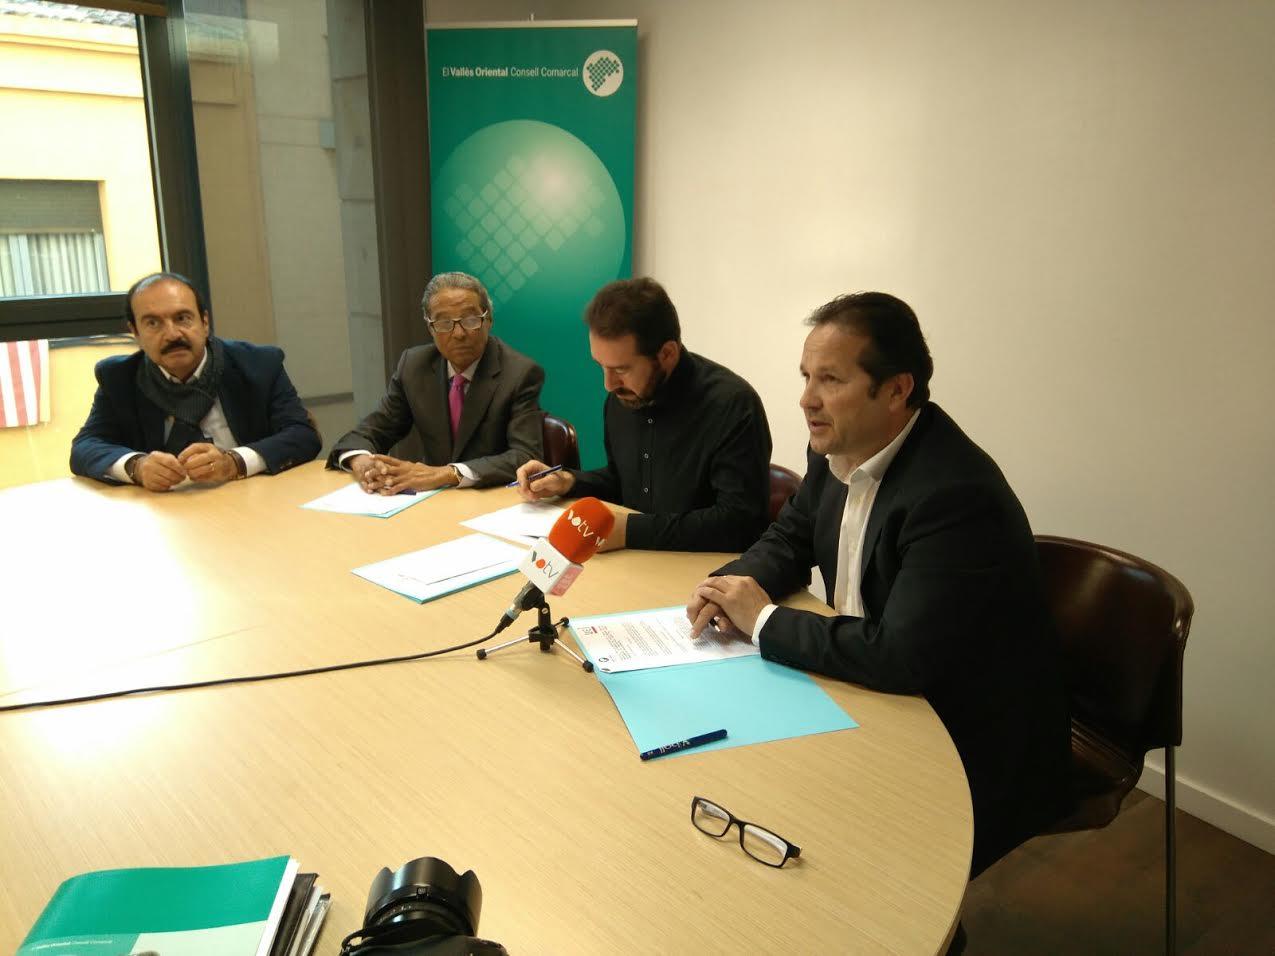 La firma del conveni de col·laboració s'ha fet aquest dimecres a la seu del Consell Comarcal